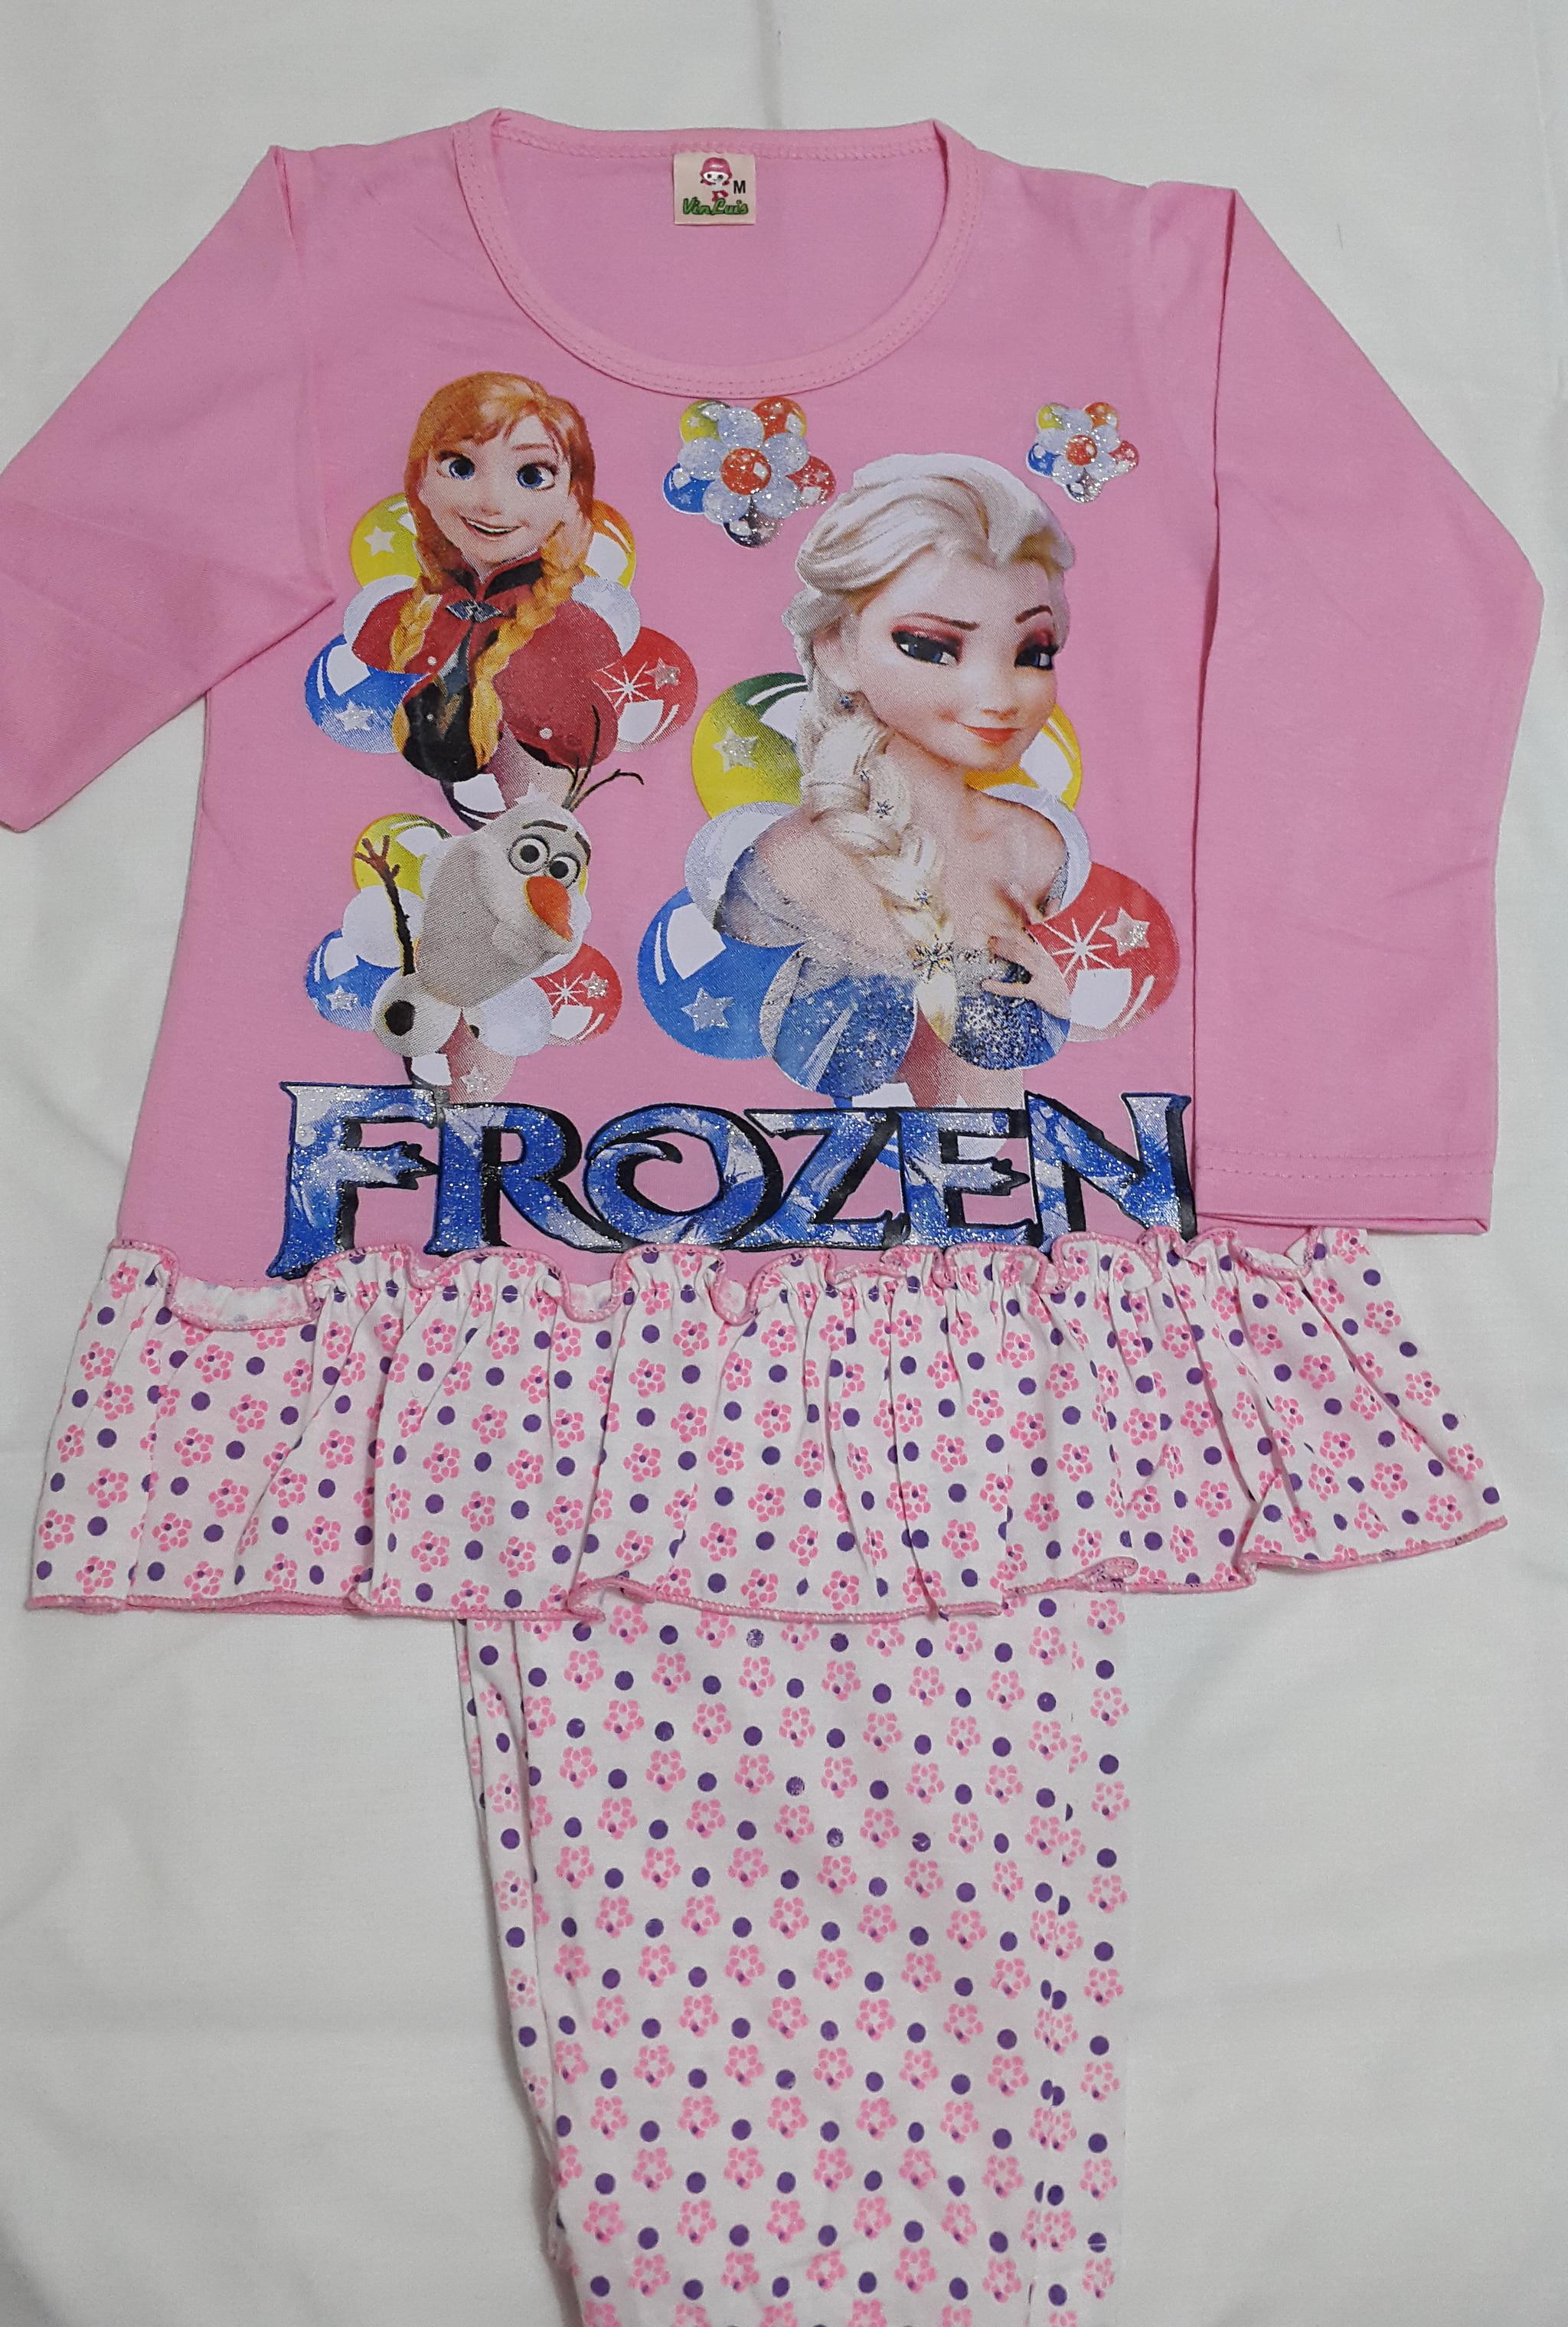 Jual FROZEN Piyama Baju Tidur Anak Perempuan Pakaian Setelan Panjang PINK All Things For Sale